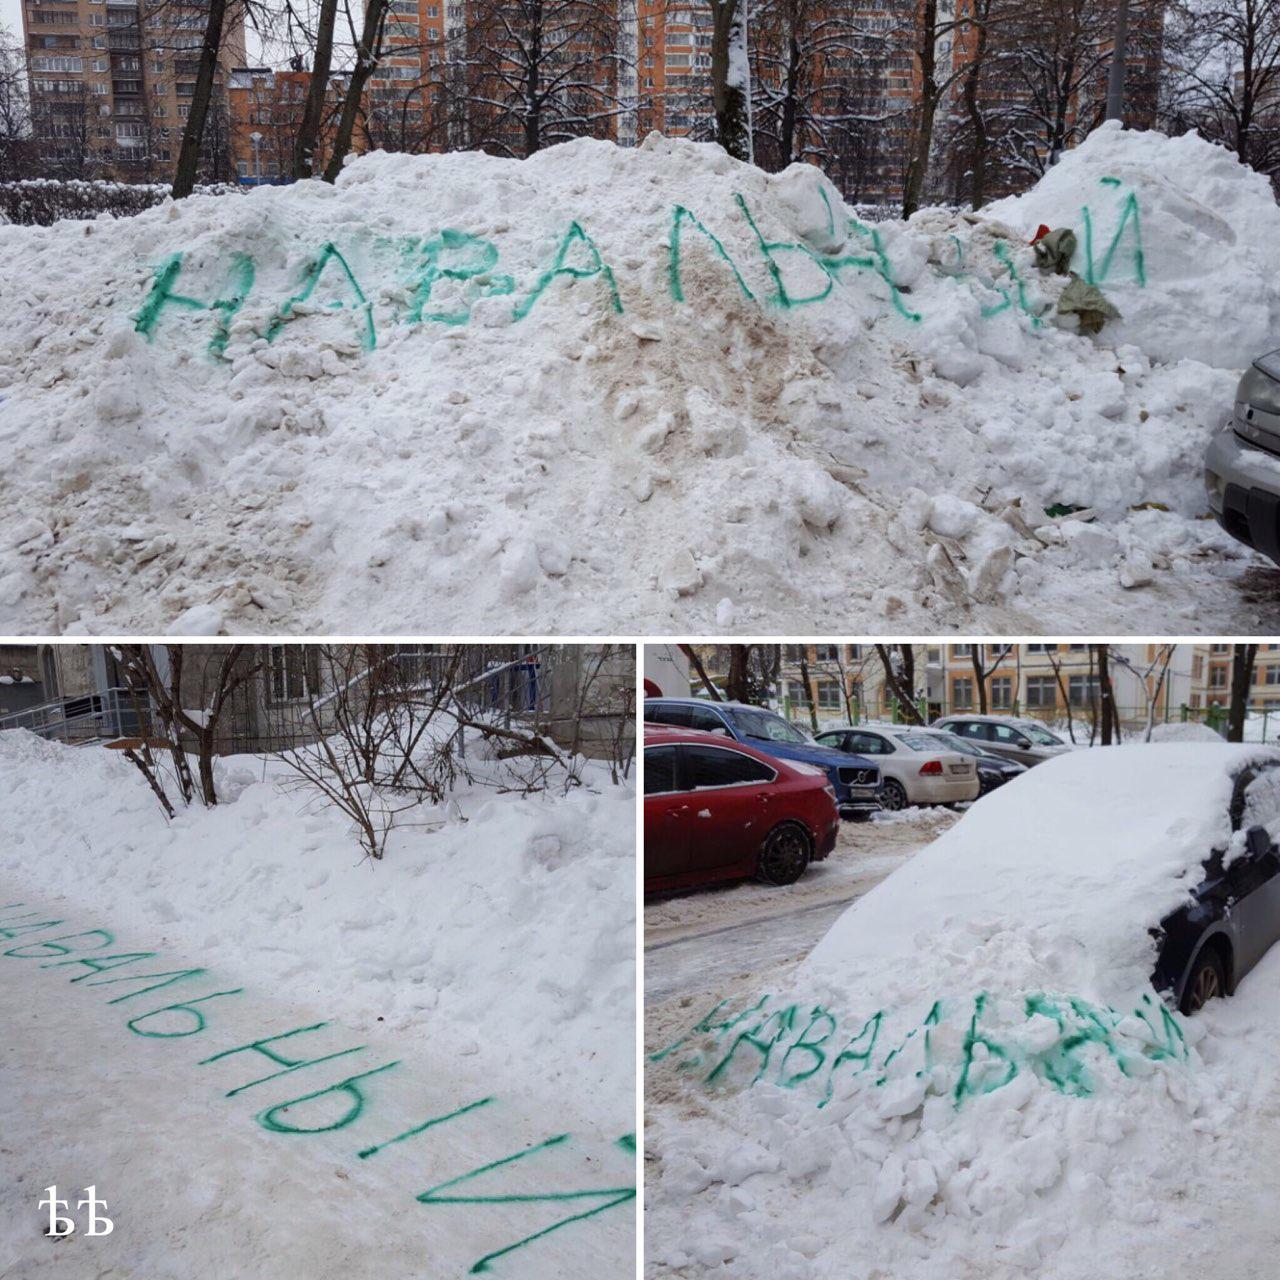 На сугробах в московском дворе написали краской Навальный, чтобы их убрали. И